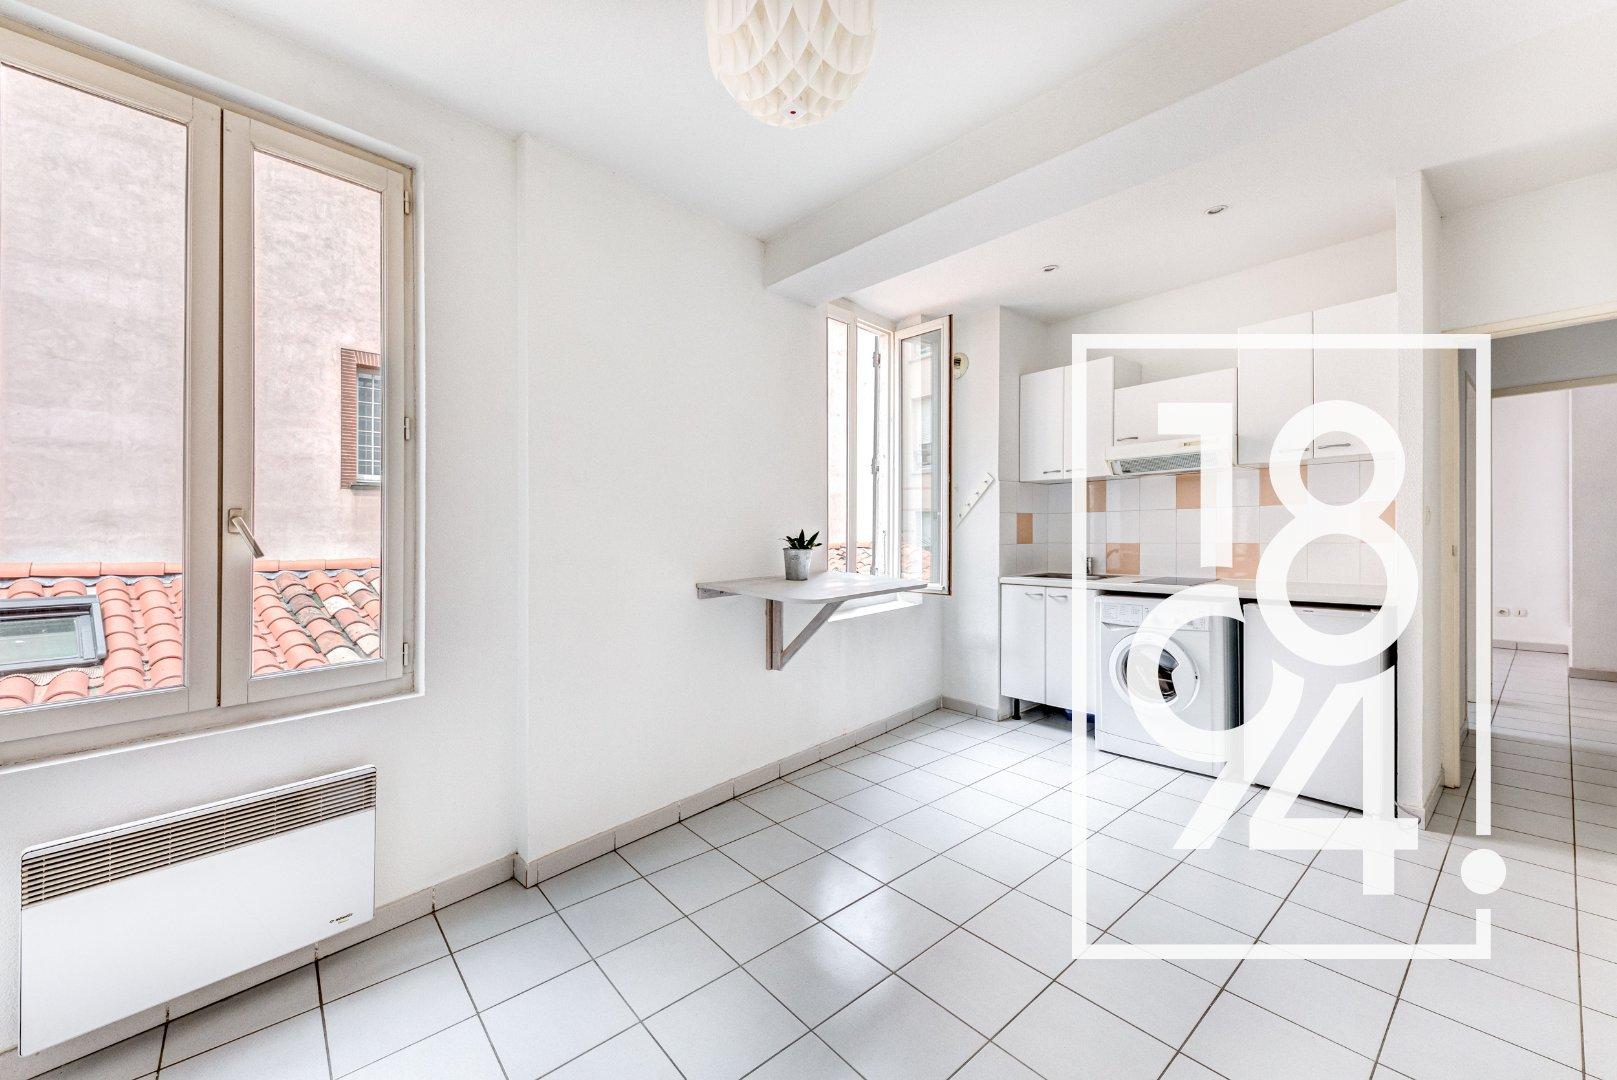 BIEN RARE!!! Appartement T2, Quai de la Daurade / Place St Pierre, Toulouse 31000